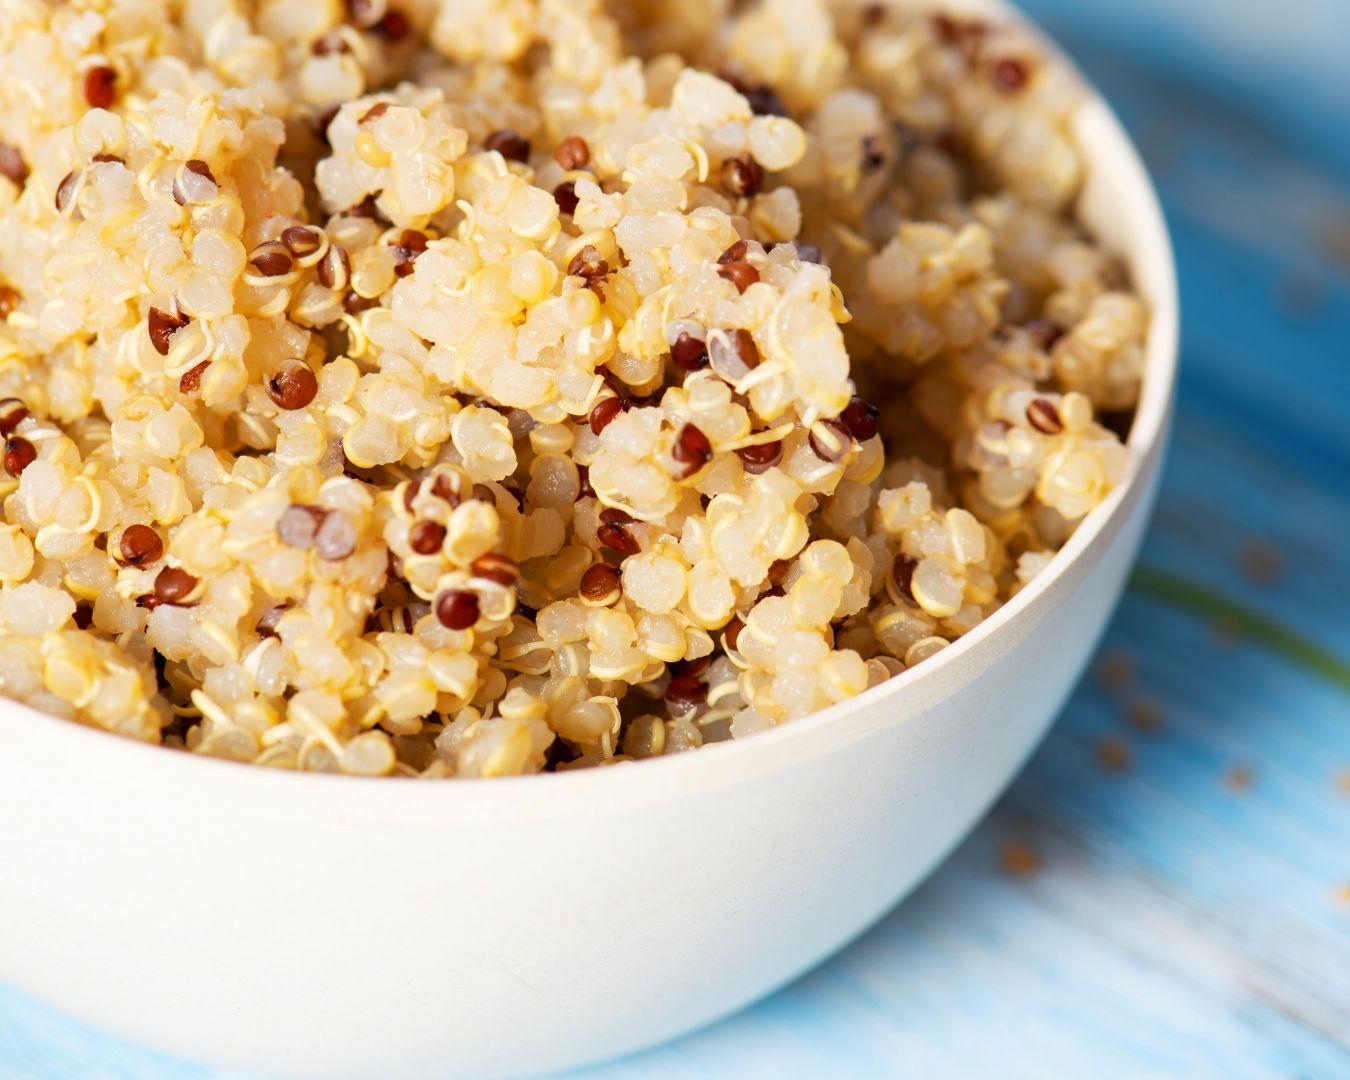 quinoa blanca y roja cocida